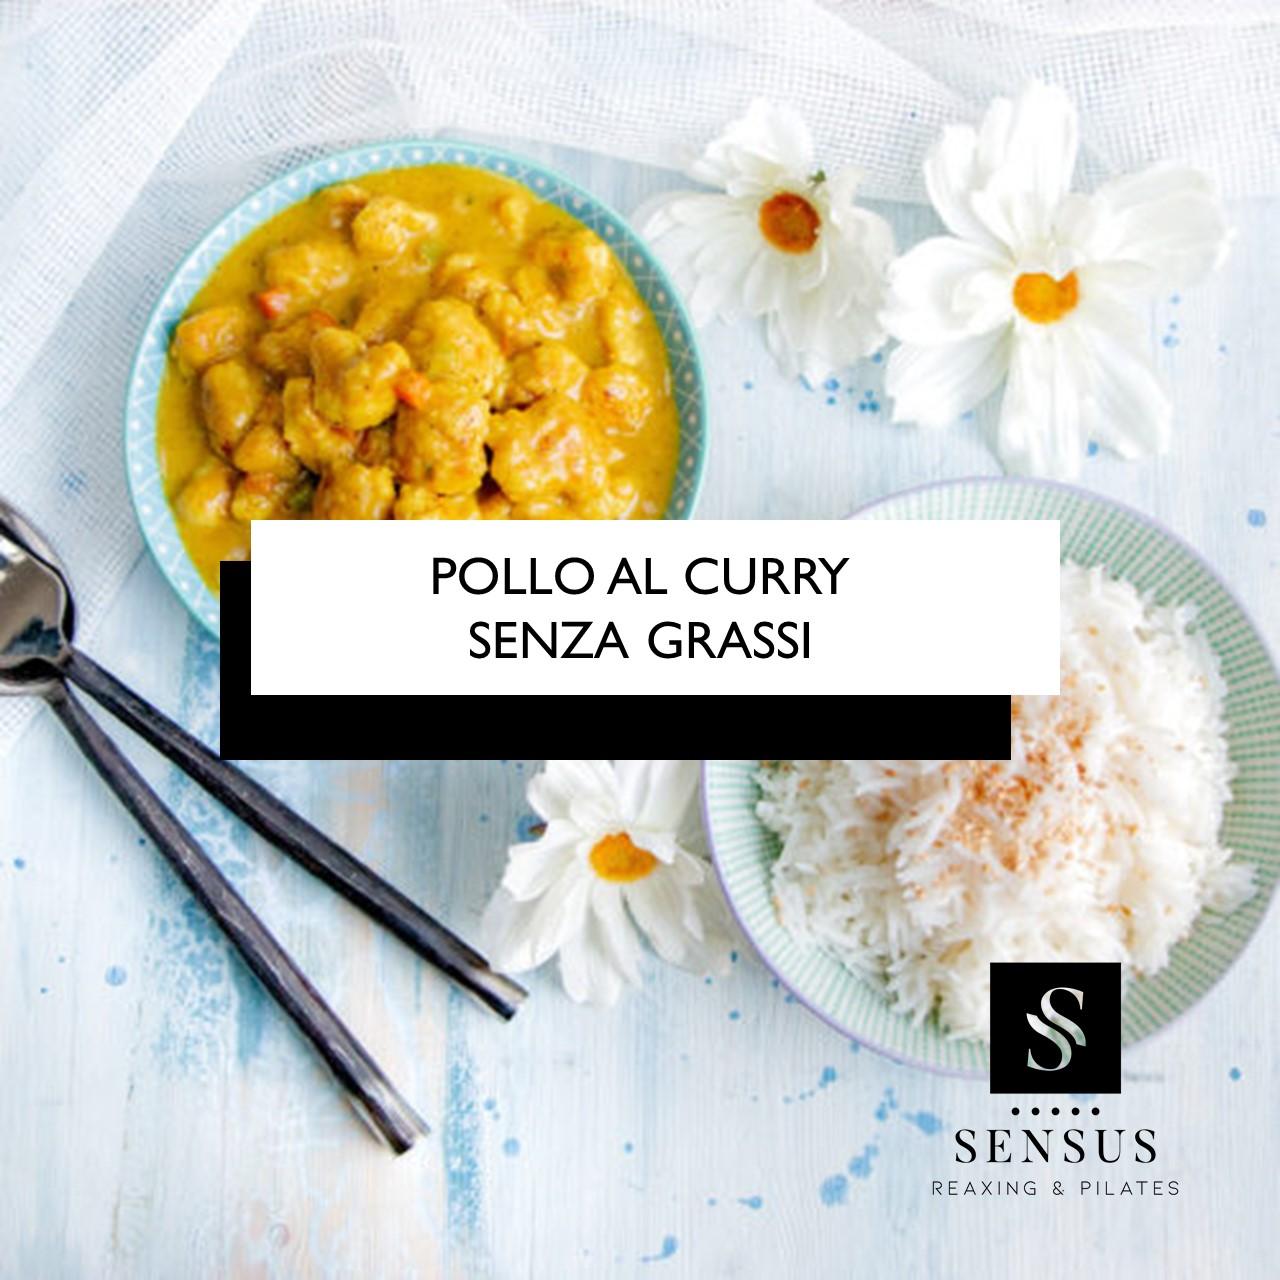 Pollo Al Curry Senza Grassi